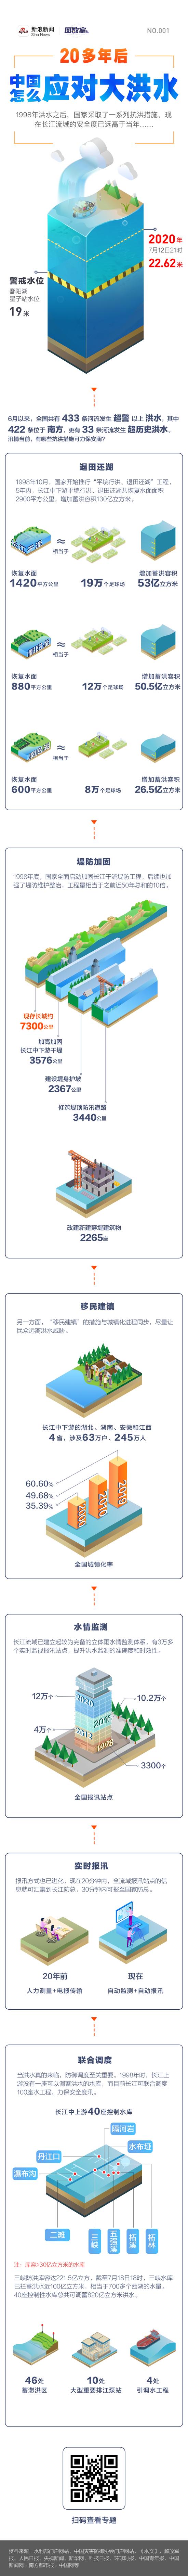 中国怎么应对大洪水丨股票配资图数,股票配资图片